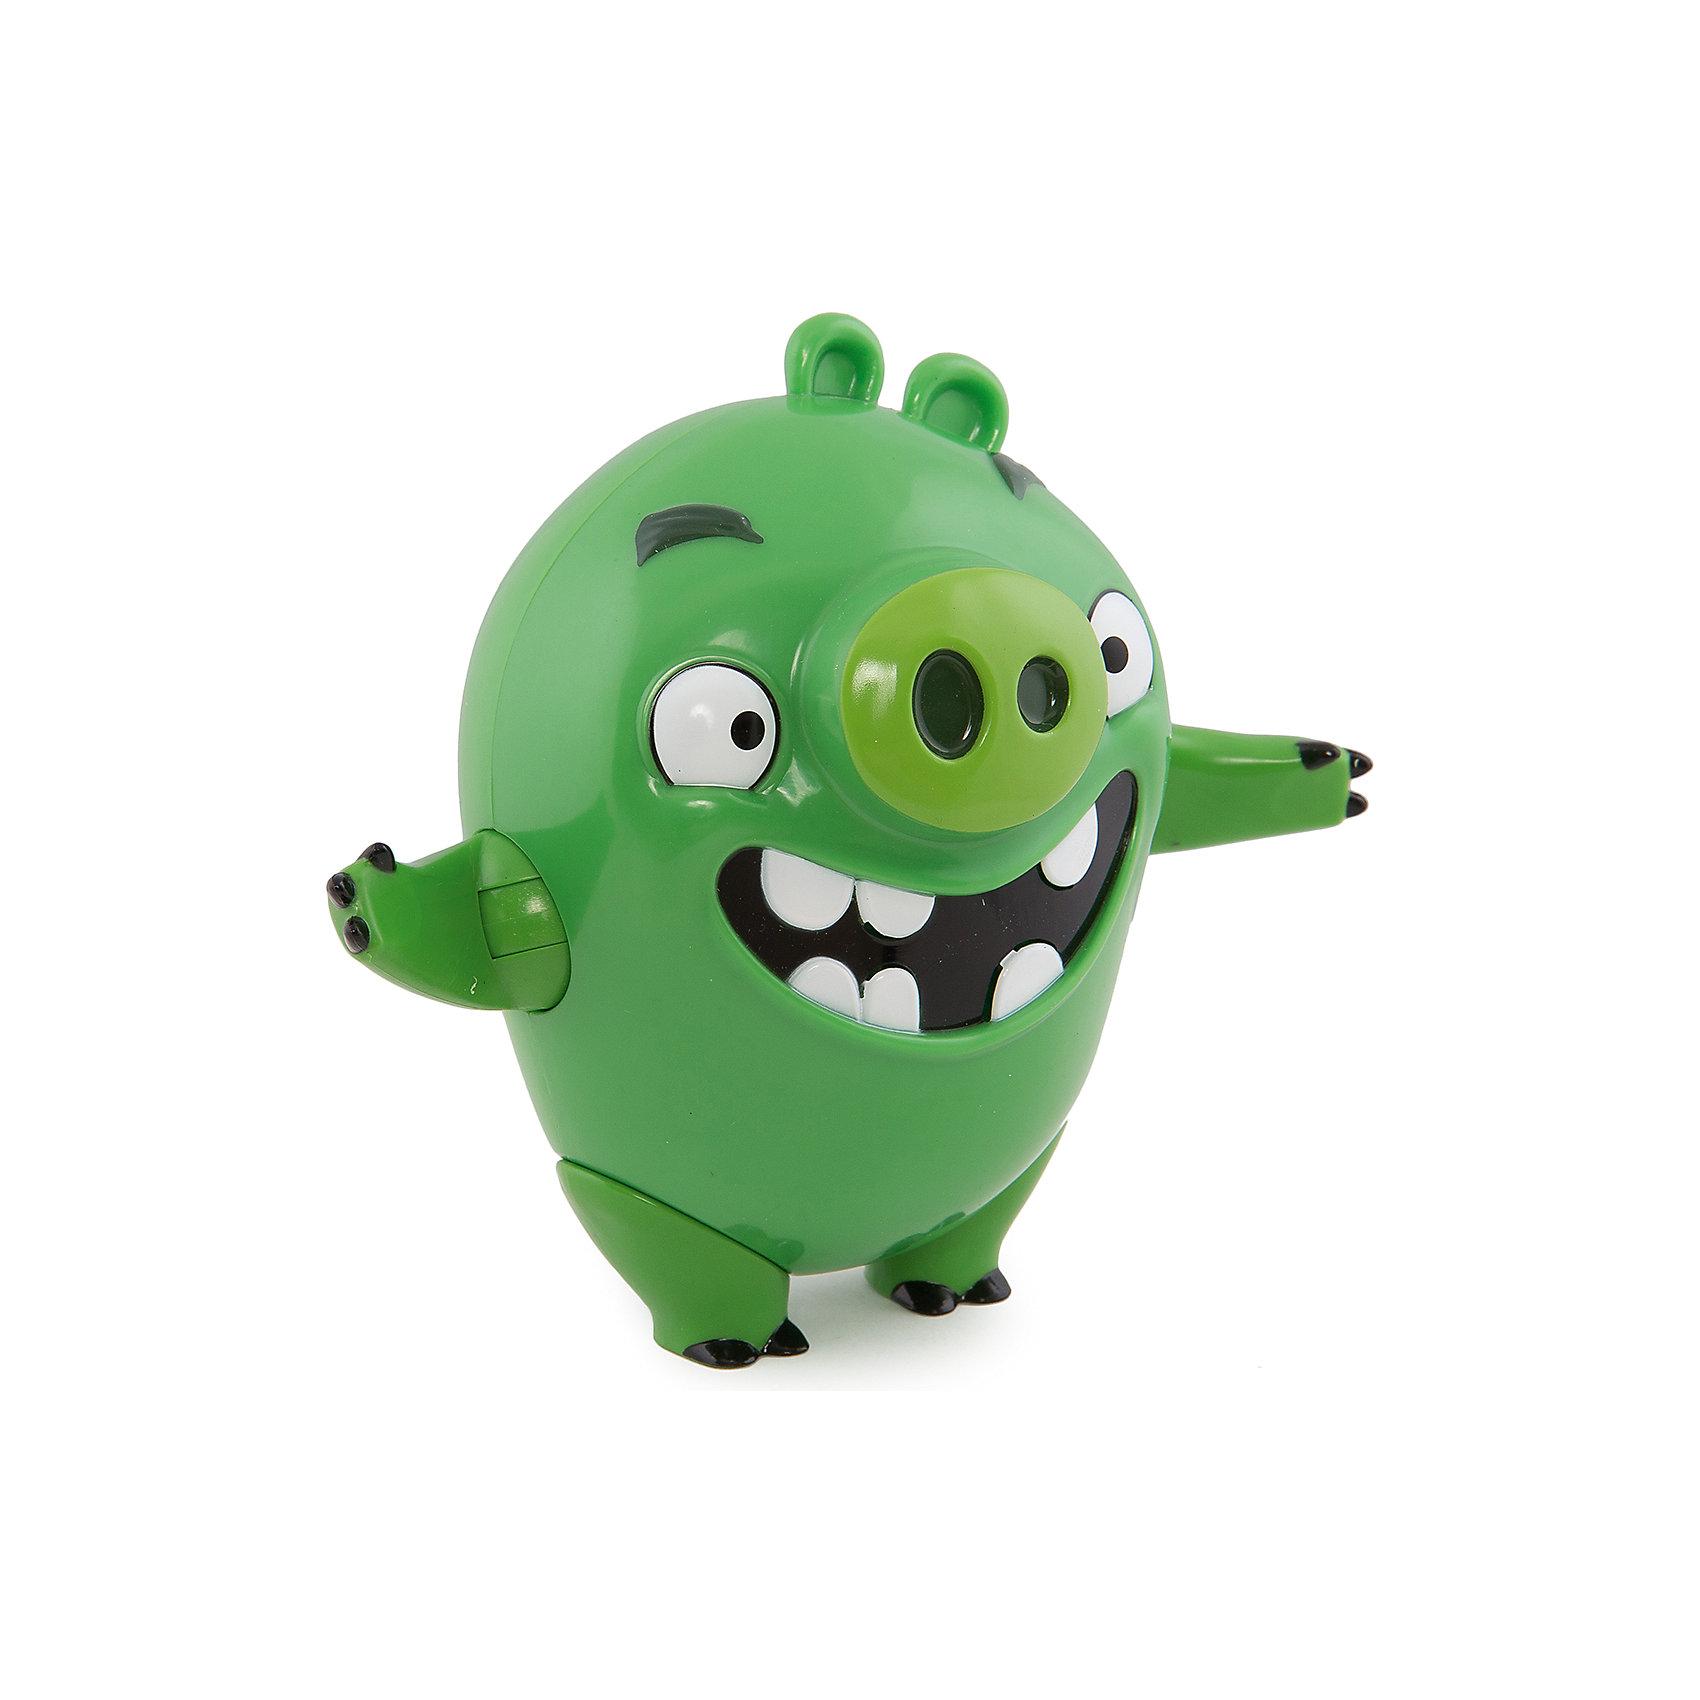 Интерактивная говорящая Свинья, Angry BirdsИгрушки<br>Замечательная игрушка, созданная специально для поклонников серии компьютерных игр Angry Birds – подвижная фигурка со звуковыми эффектами от компании Spin Master, выполненная в виде главных героев Энгри Бёрдз. Такой подарок, несомненно, оценят не только дети, но и взрослые люди, особенно сейчас, в преддверии выхода полнометражного анимационного фильма про сердитых птичек и их врагов назойливых поросят – «Angry Birds в кино» (The Angry Birds Movie, 2016).<br><br>Фигурки изготовлены из пластика, ярко окрашены, внешний вид игрушек в точности повторяет их прототипов из виртуального мира. Фигурки имеют подвижные конечности и произносят звуки и фразы из мультфильма (на английском языке).<br><br><br>Интерактивную говорящую Свинью, Angry Birds можно купить в нашем магазине.<br><br>Ширина мм: 170<br>Глубина мм: 210<br>Высота мм: 110<br>Вес г: 402<br>Возраст от месяцев: 36<br>Возраст до месяцев: 192<br>Пол: Унисекс<br>Возраст: Детский<br>SKU: 4719970